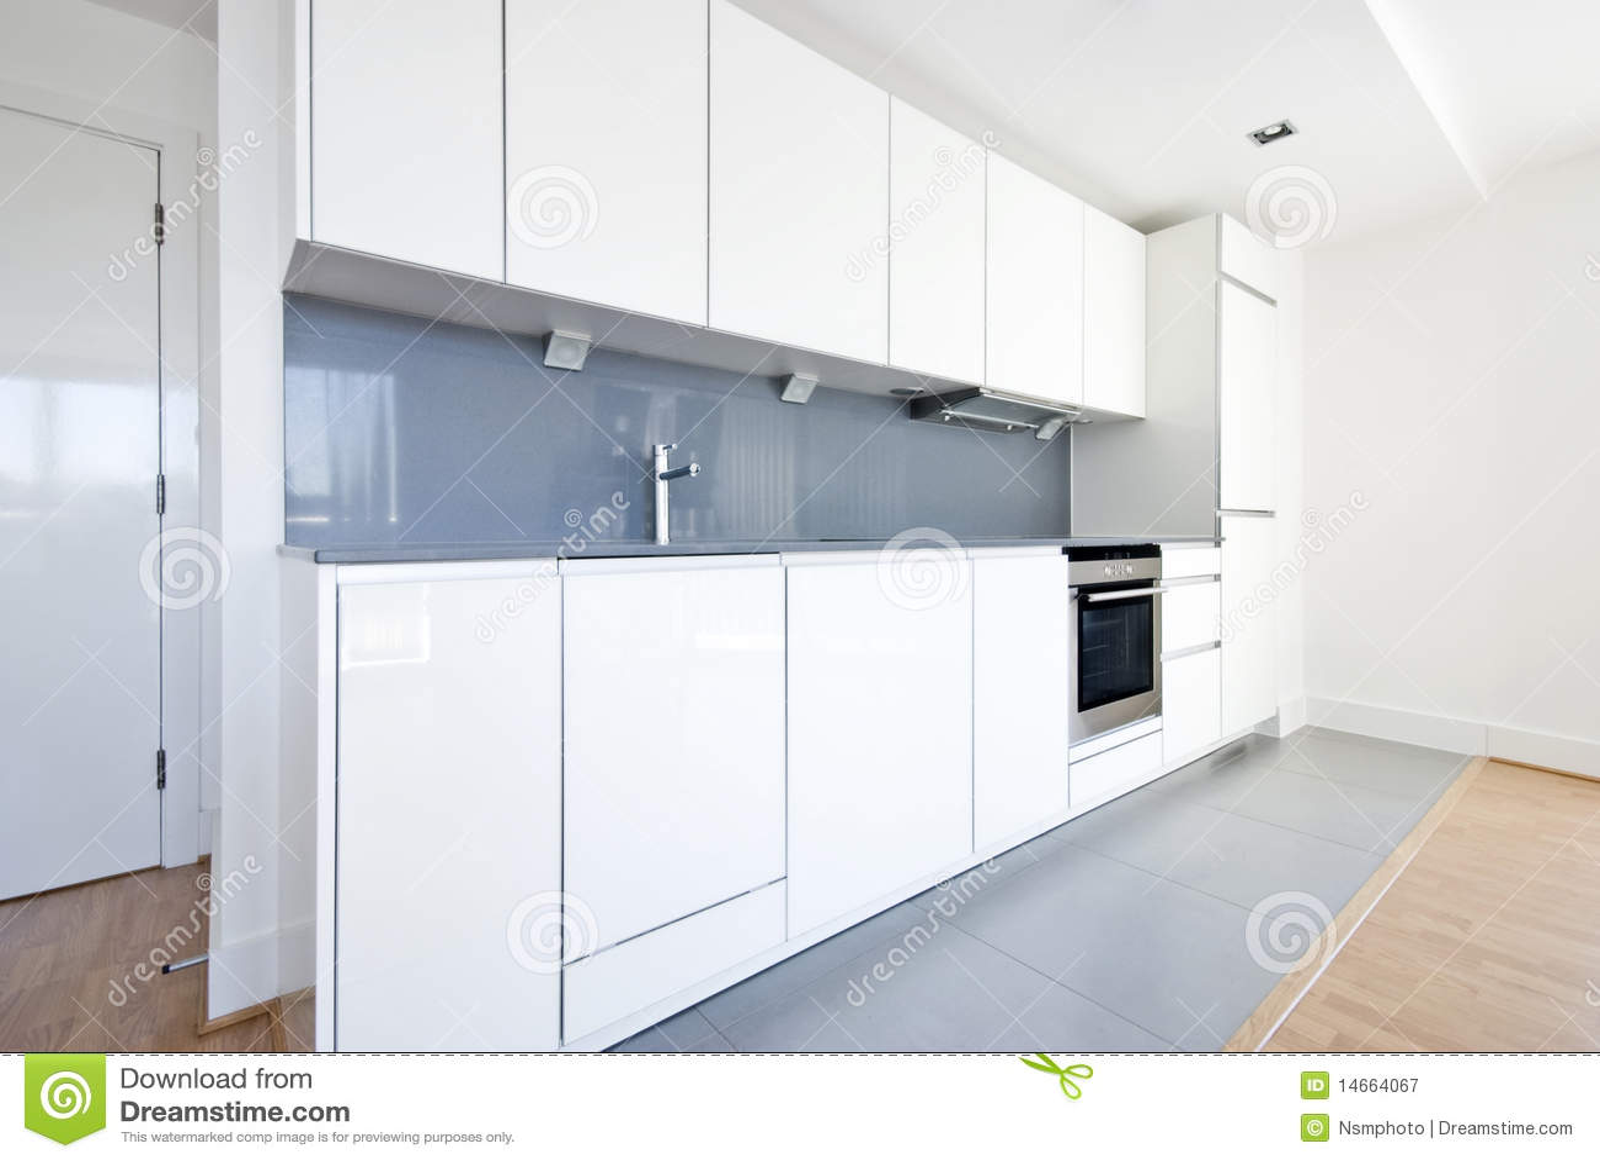 Moderne volledig gepaste keuken in wit en grijs royalty vrije stock fotografie beeld 14664067 for Gang grijs en wit